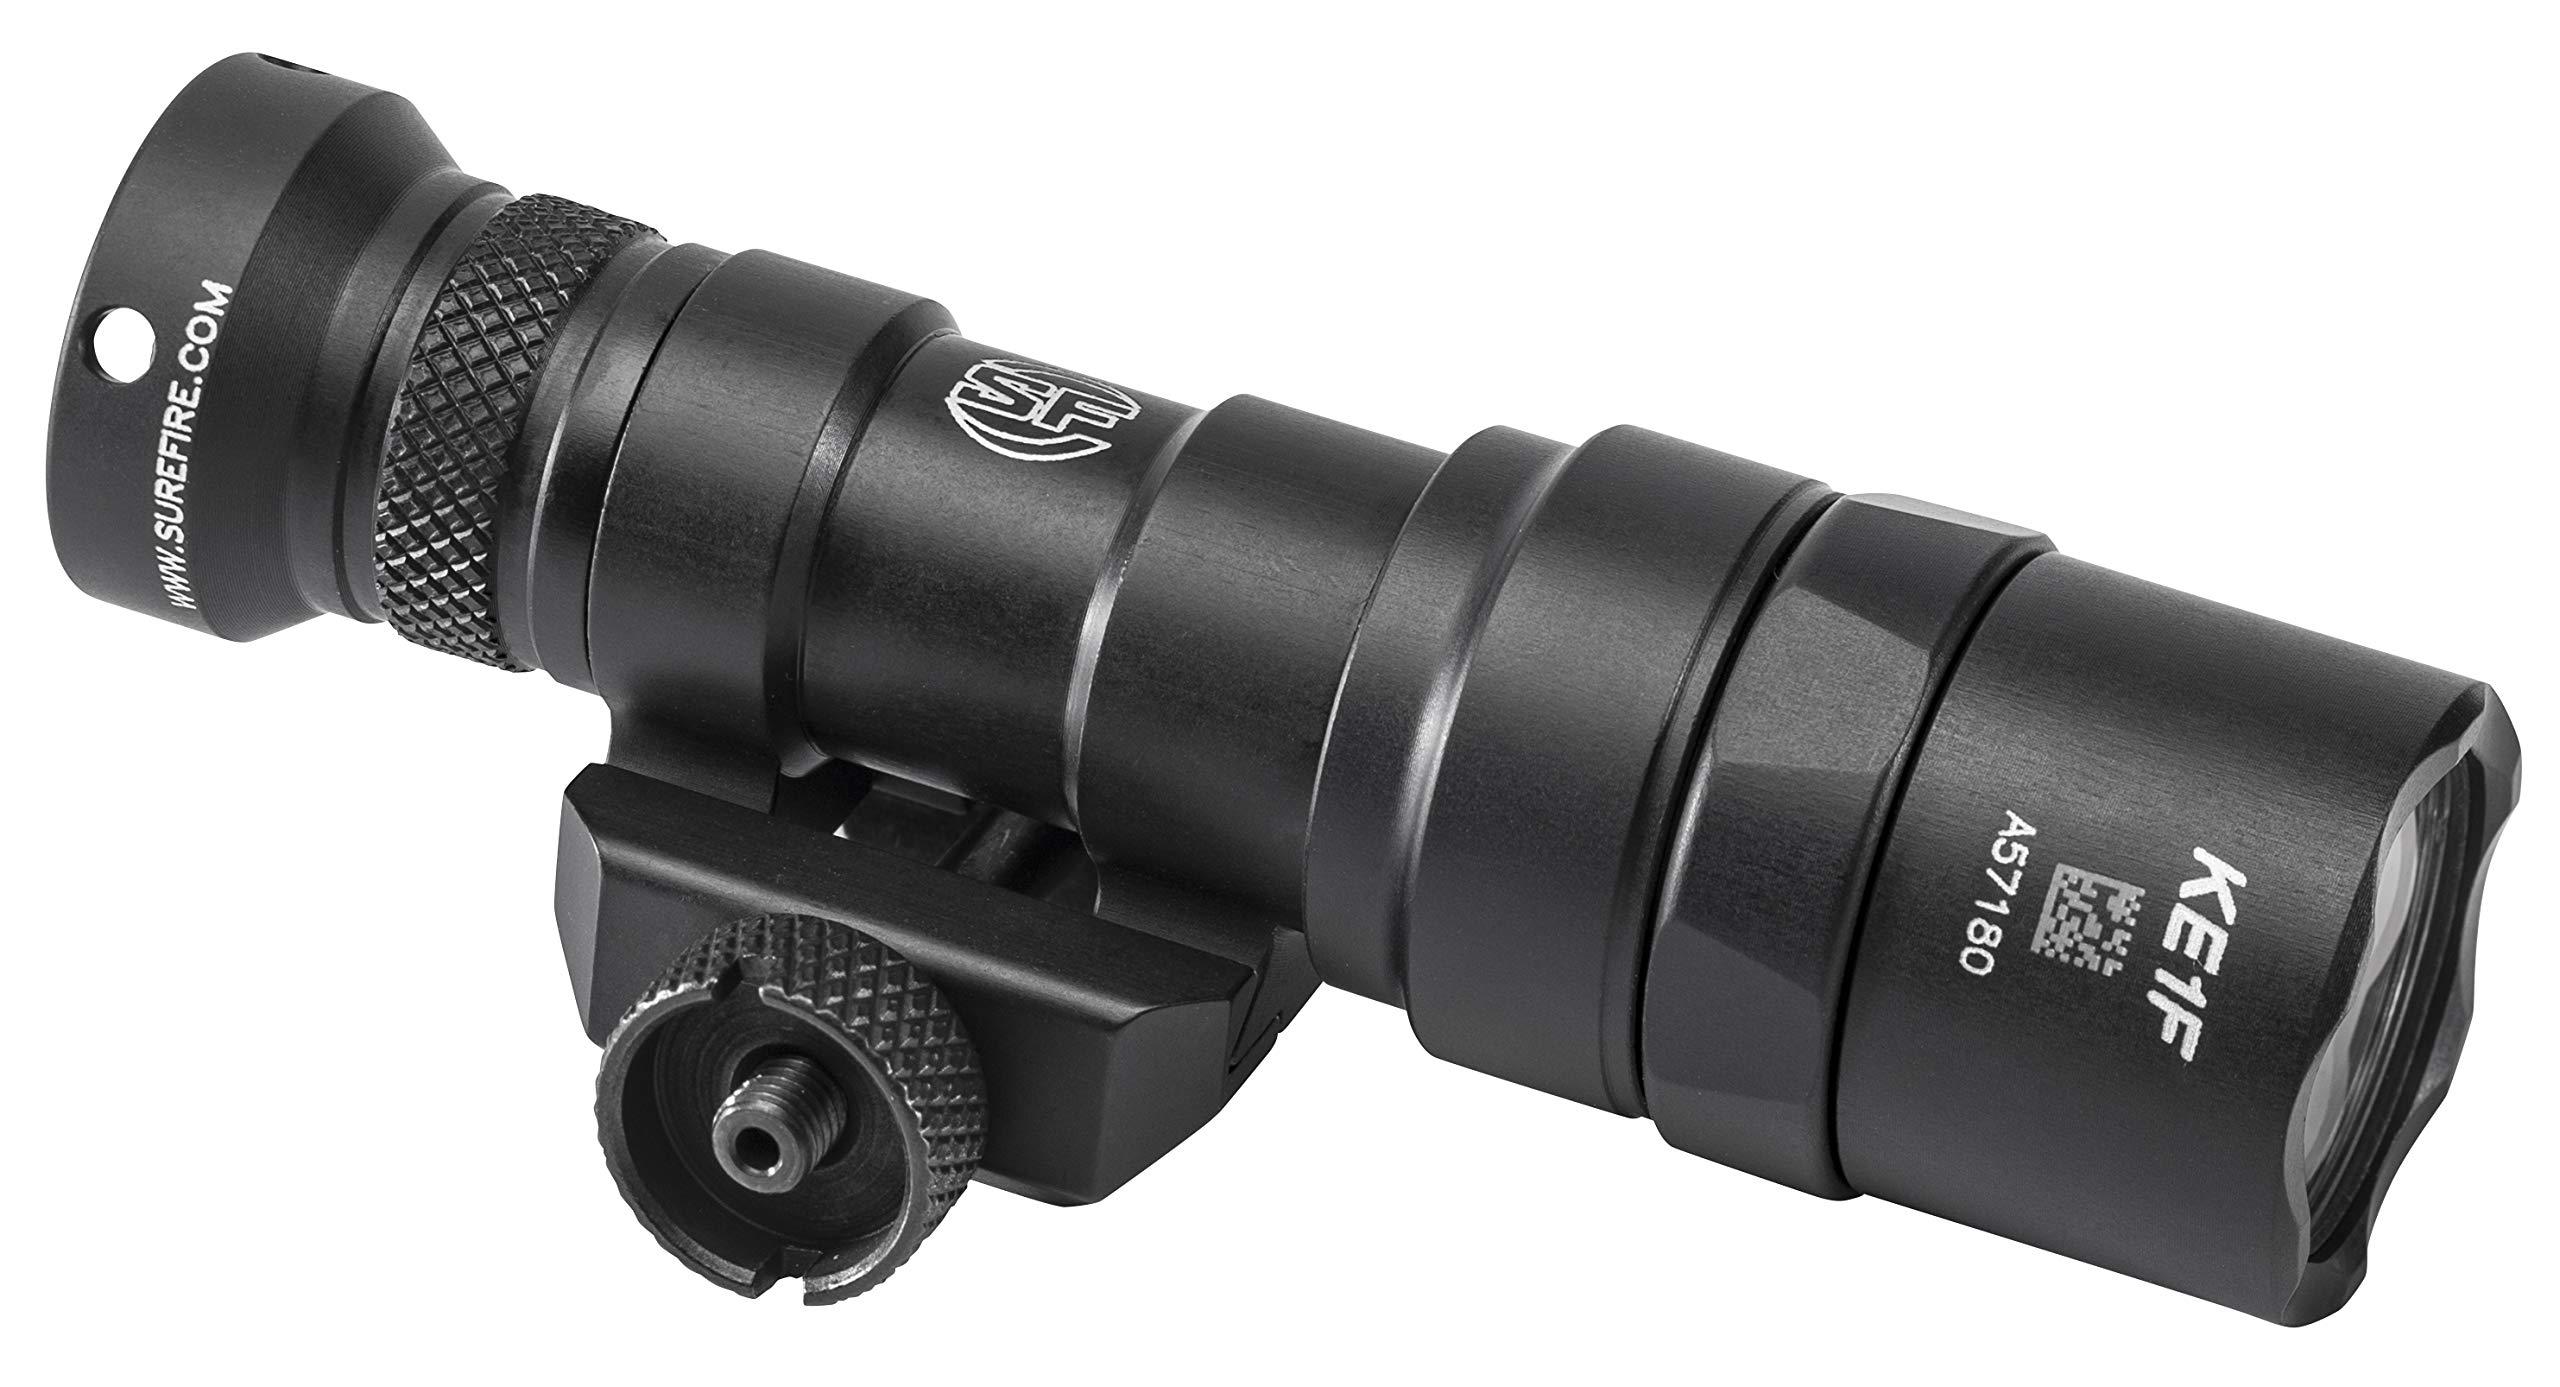 SureFire M300 Mini Scout M300 Mini Scout Light w/Z68 Click-Type tailcap pushbutton Switch, Black, Black by SureFire (Image #2)